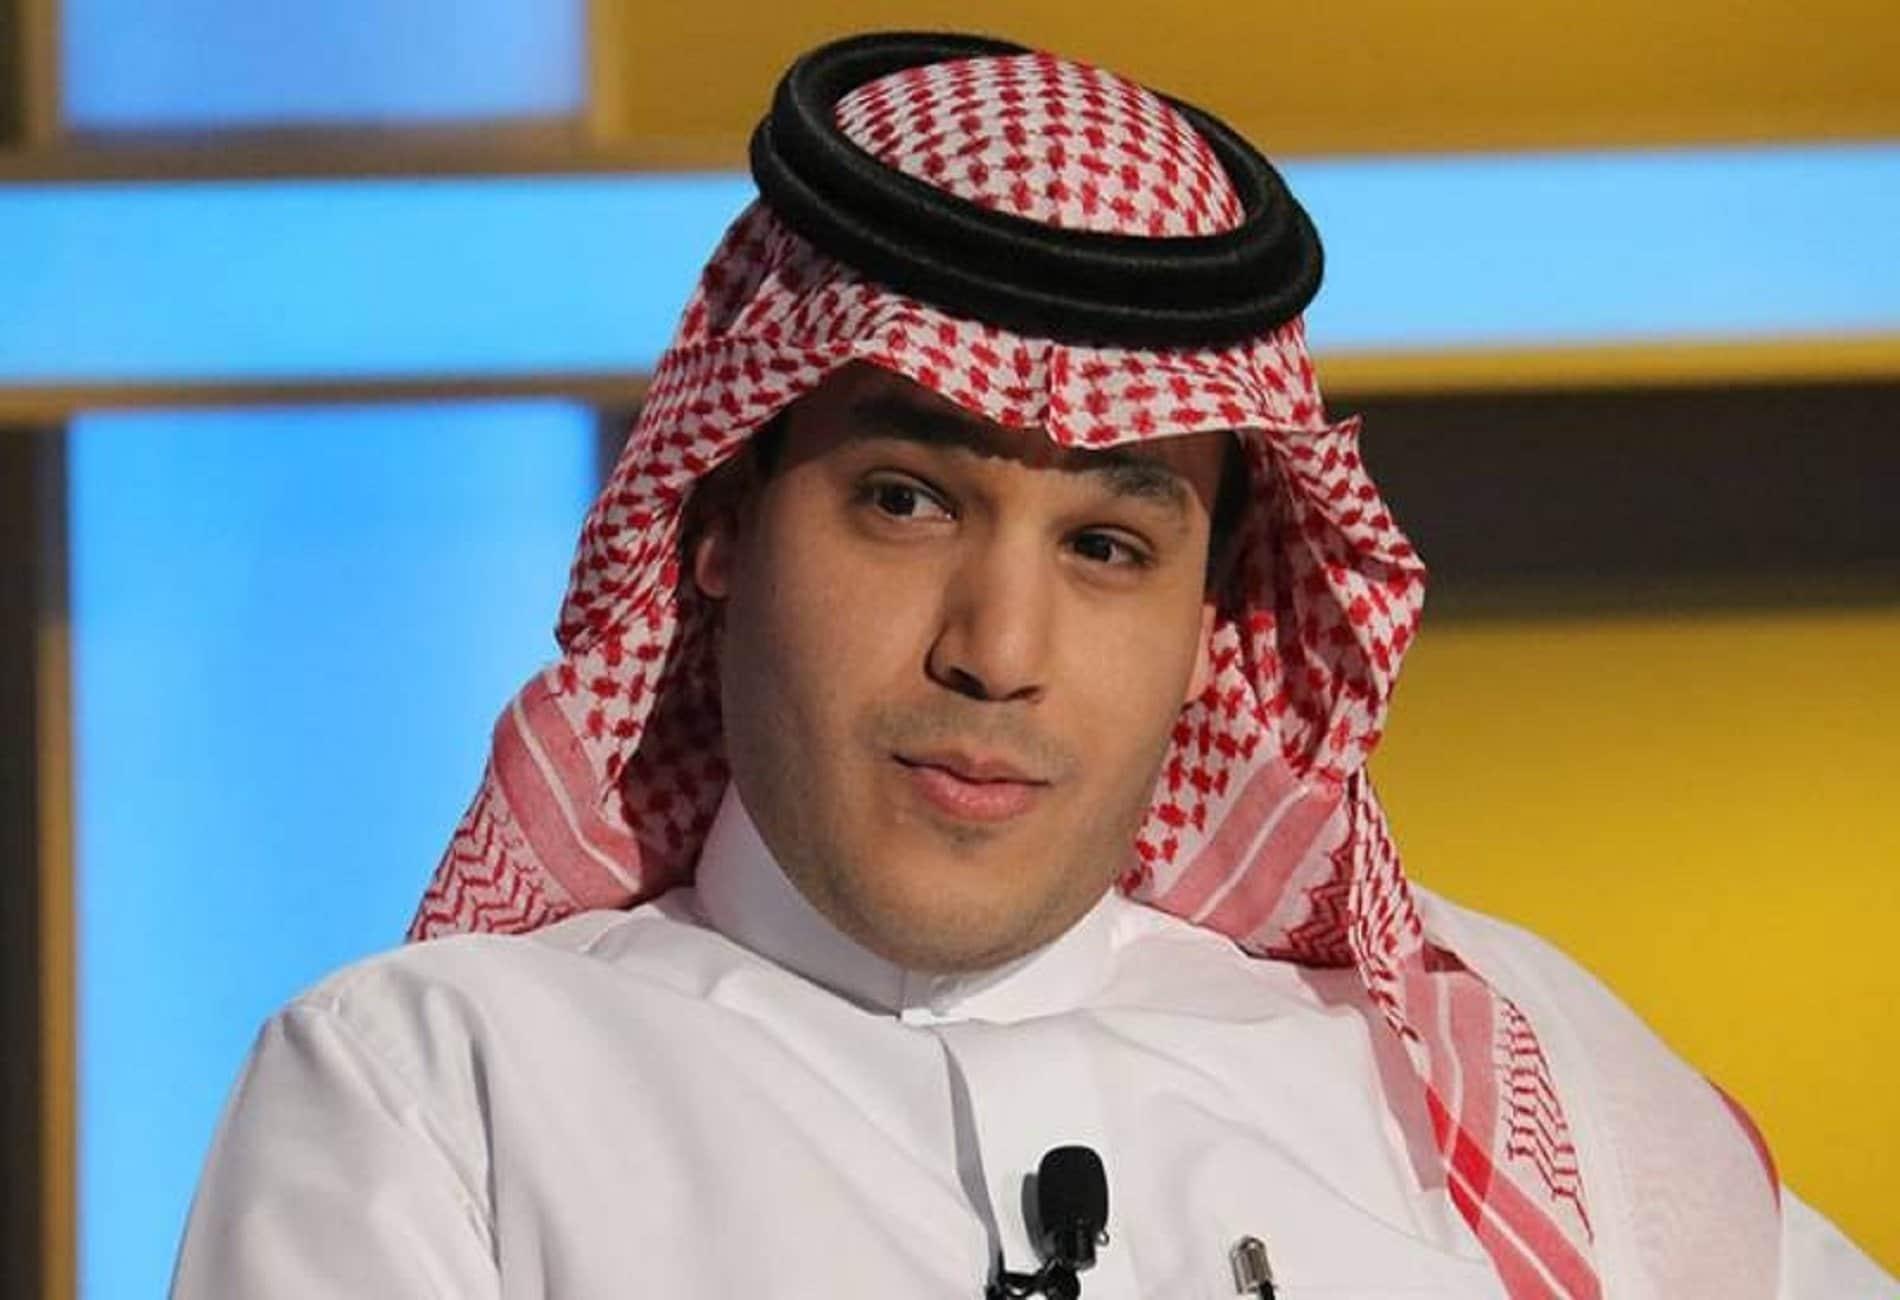 اعلامي سعودي يهاجم مرزوق الغانم بعدما ألقى صفقة القرن في القمامة: ما فعله يشبه تصرفات القذافي ولا يصنع أبطالاً